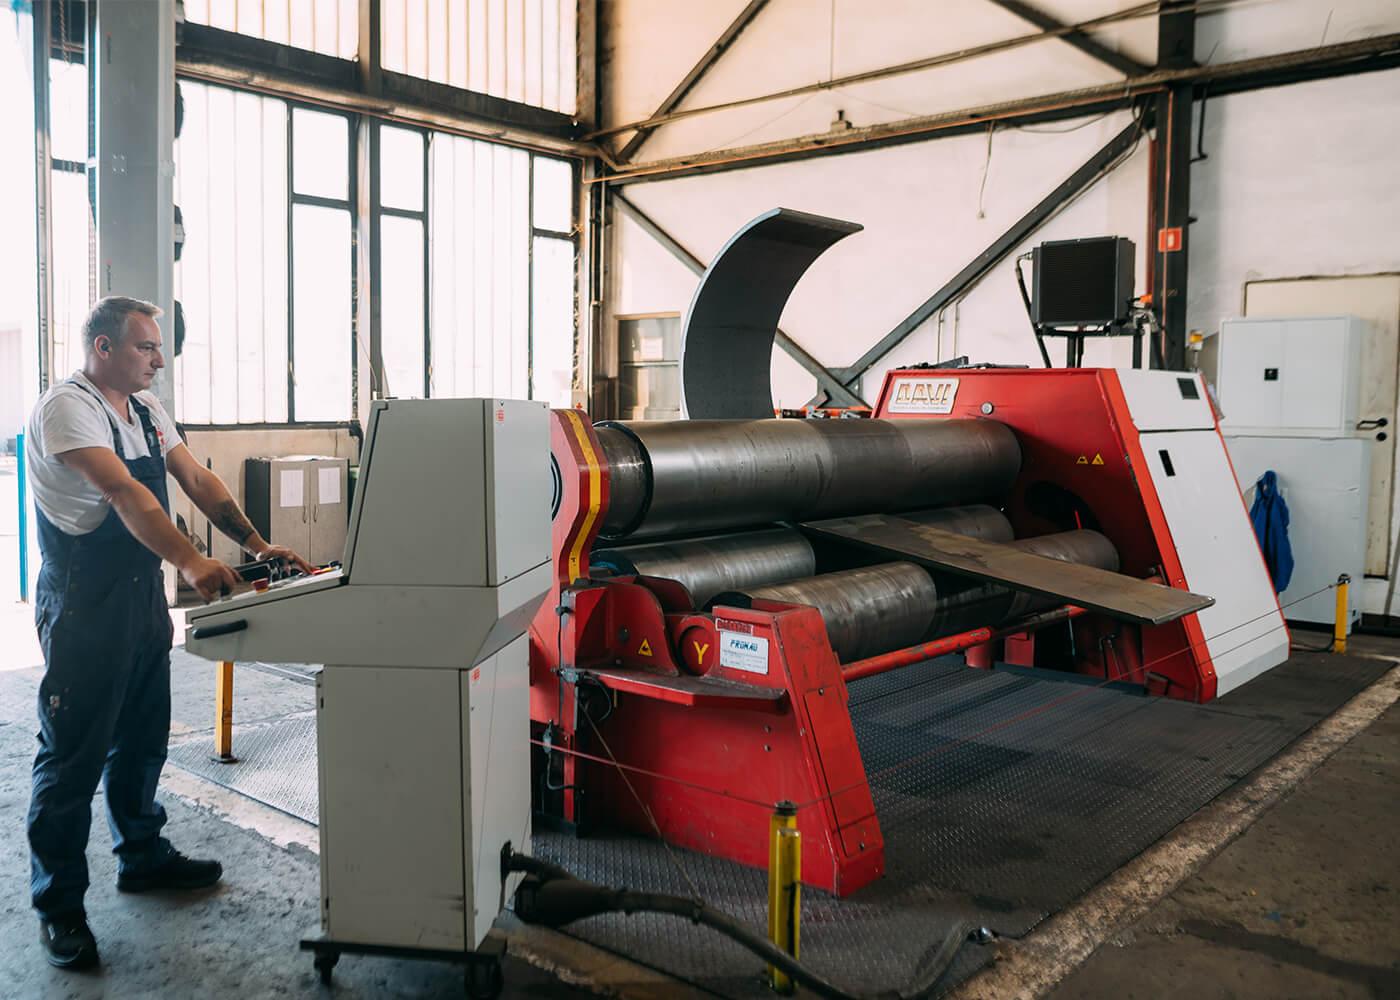 Ovijanje pločevine metalna